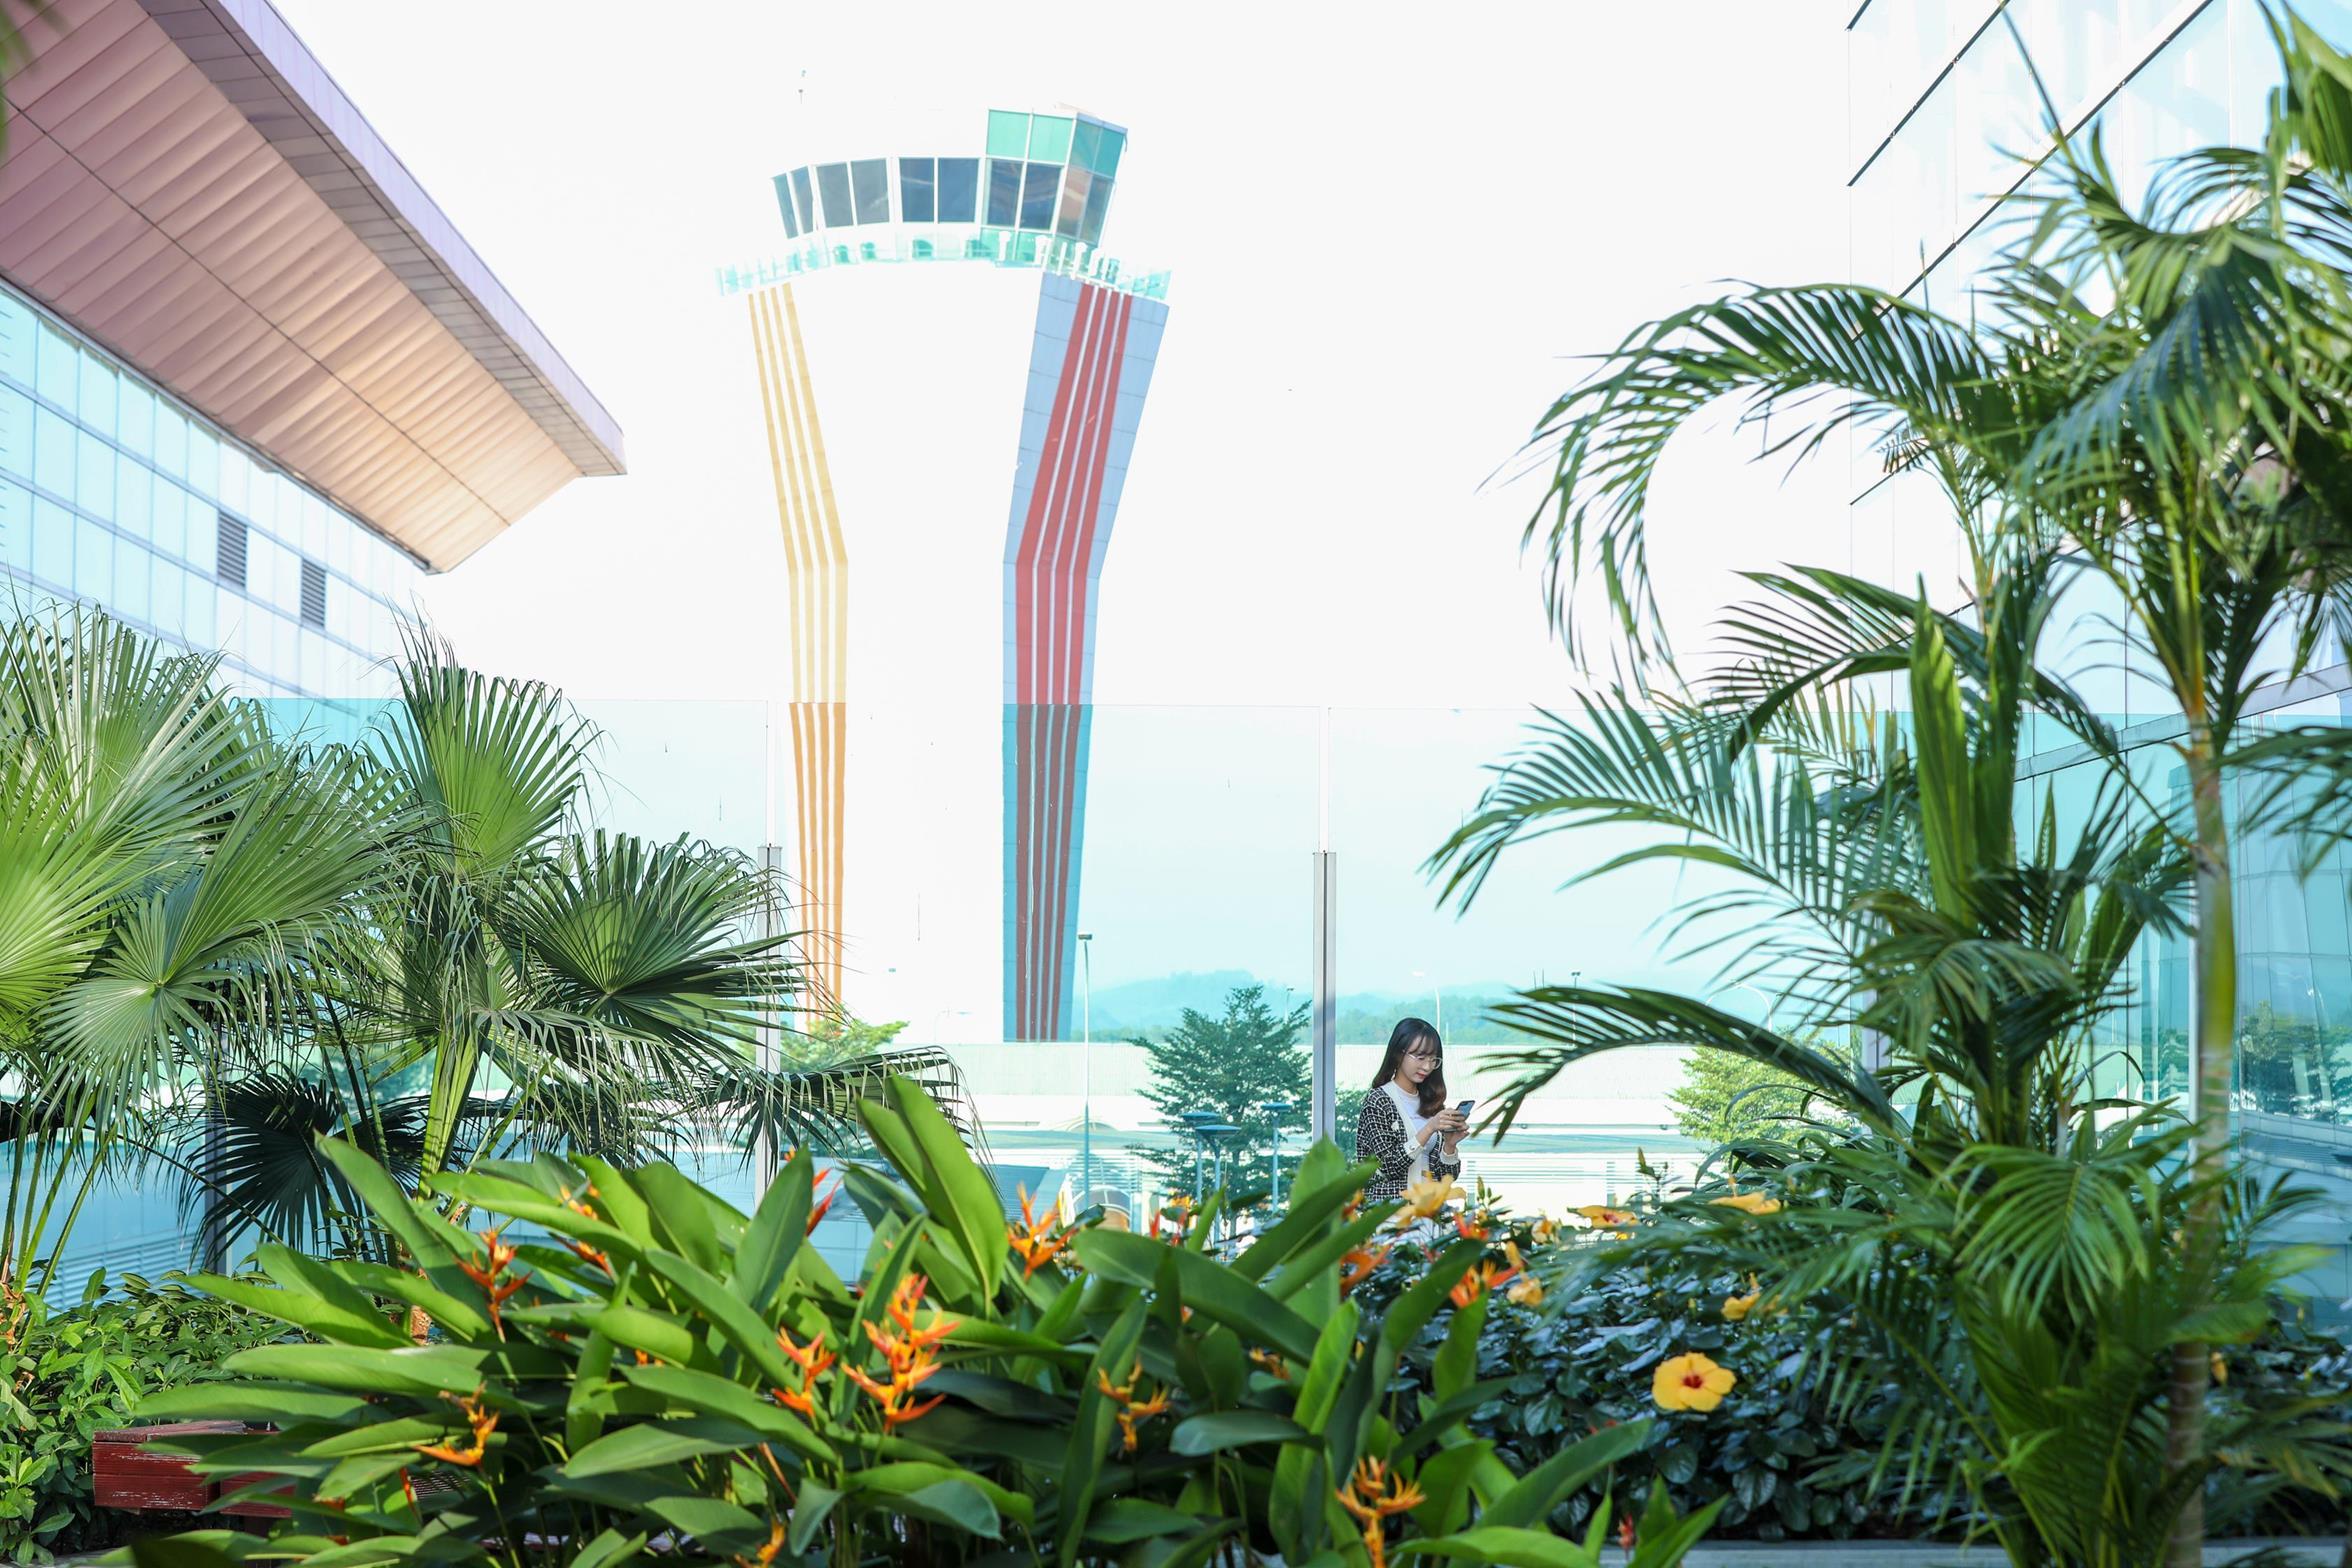 Sân bay Vân Đồn được Prix Versailles trao giải đặc biệt thế giới về thiết kế ngoại thất  - Ảnh 2